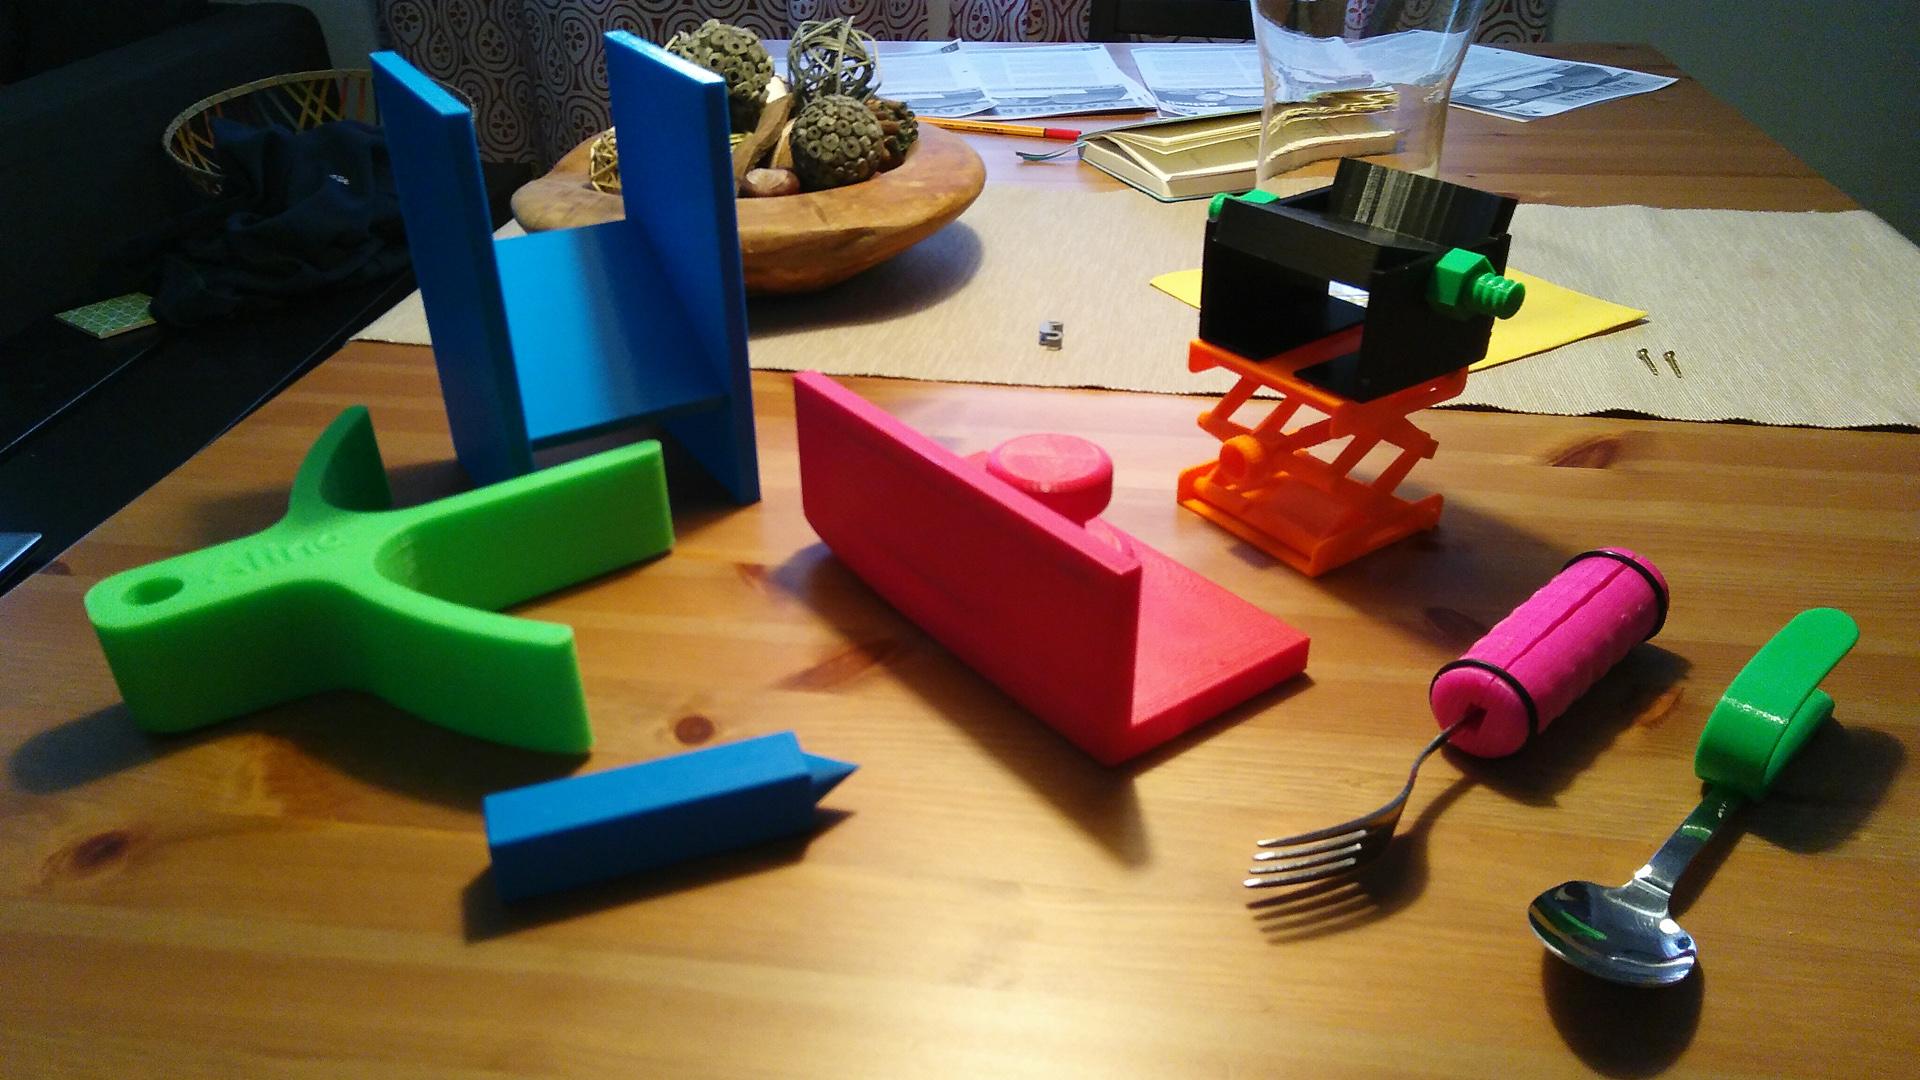 Auf einem Küchentisch liegen bunte Plastikteile aus dem 3D-Drucker.